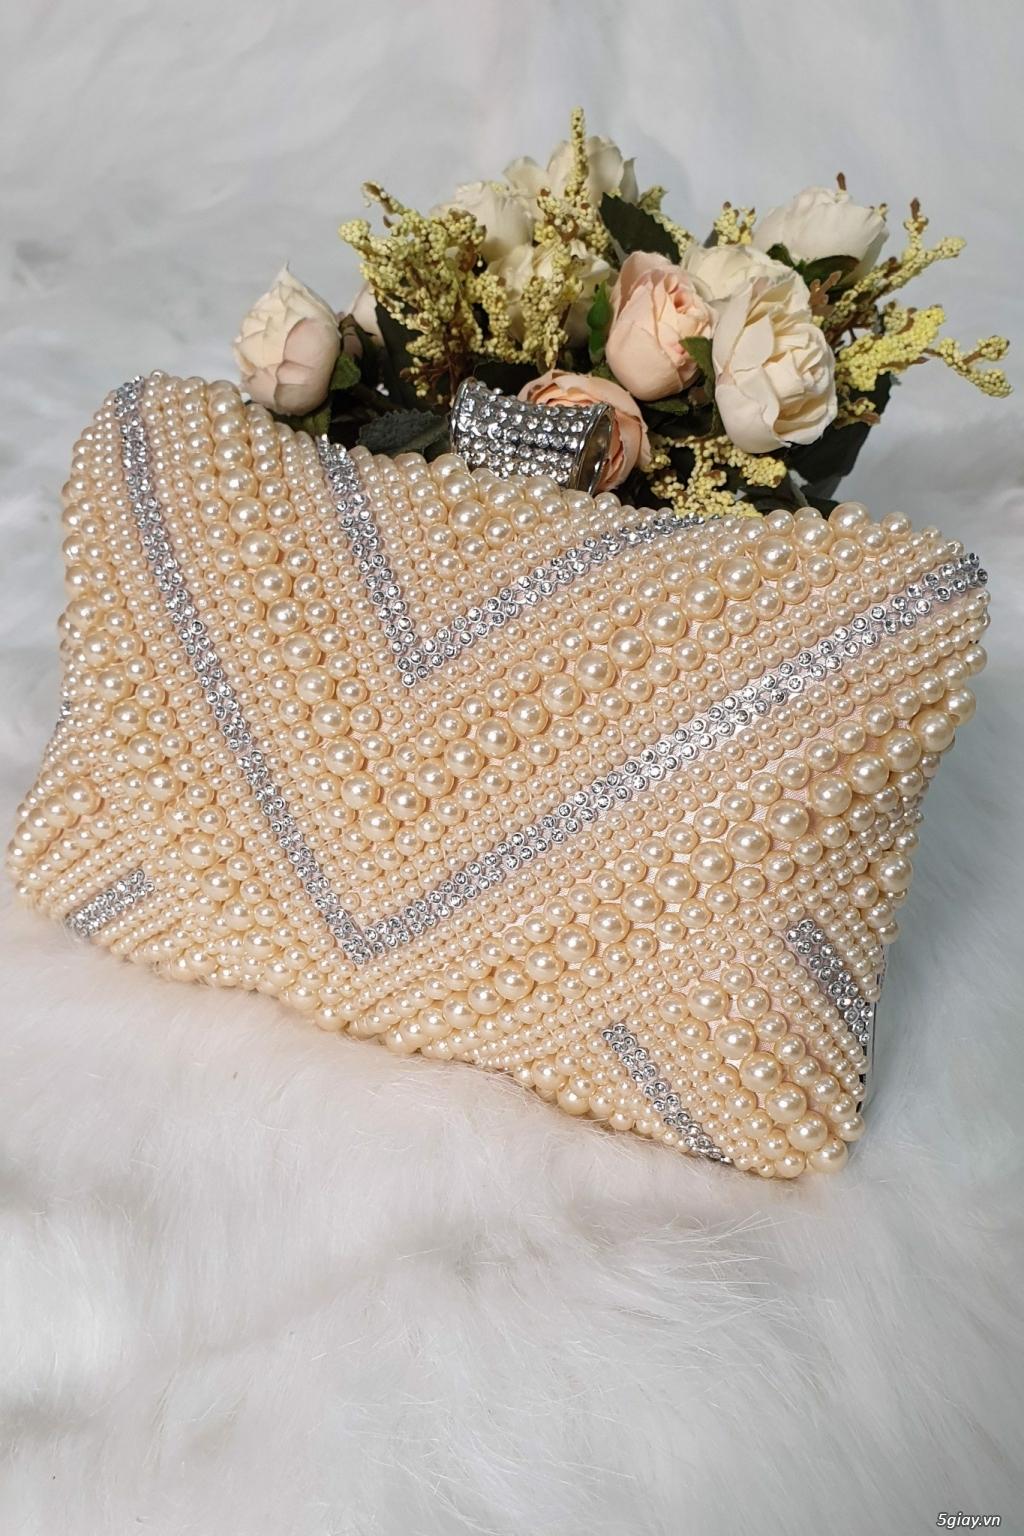 Wal House Fashion - Bóp ví túi xách thời trang - Giá ưu đãi - 34